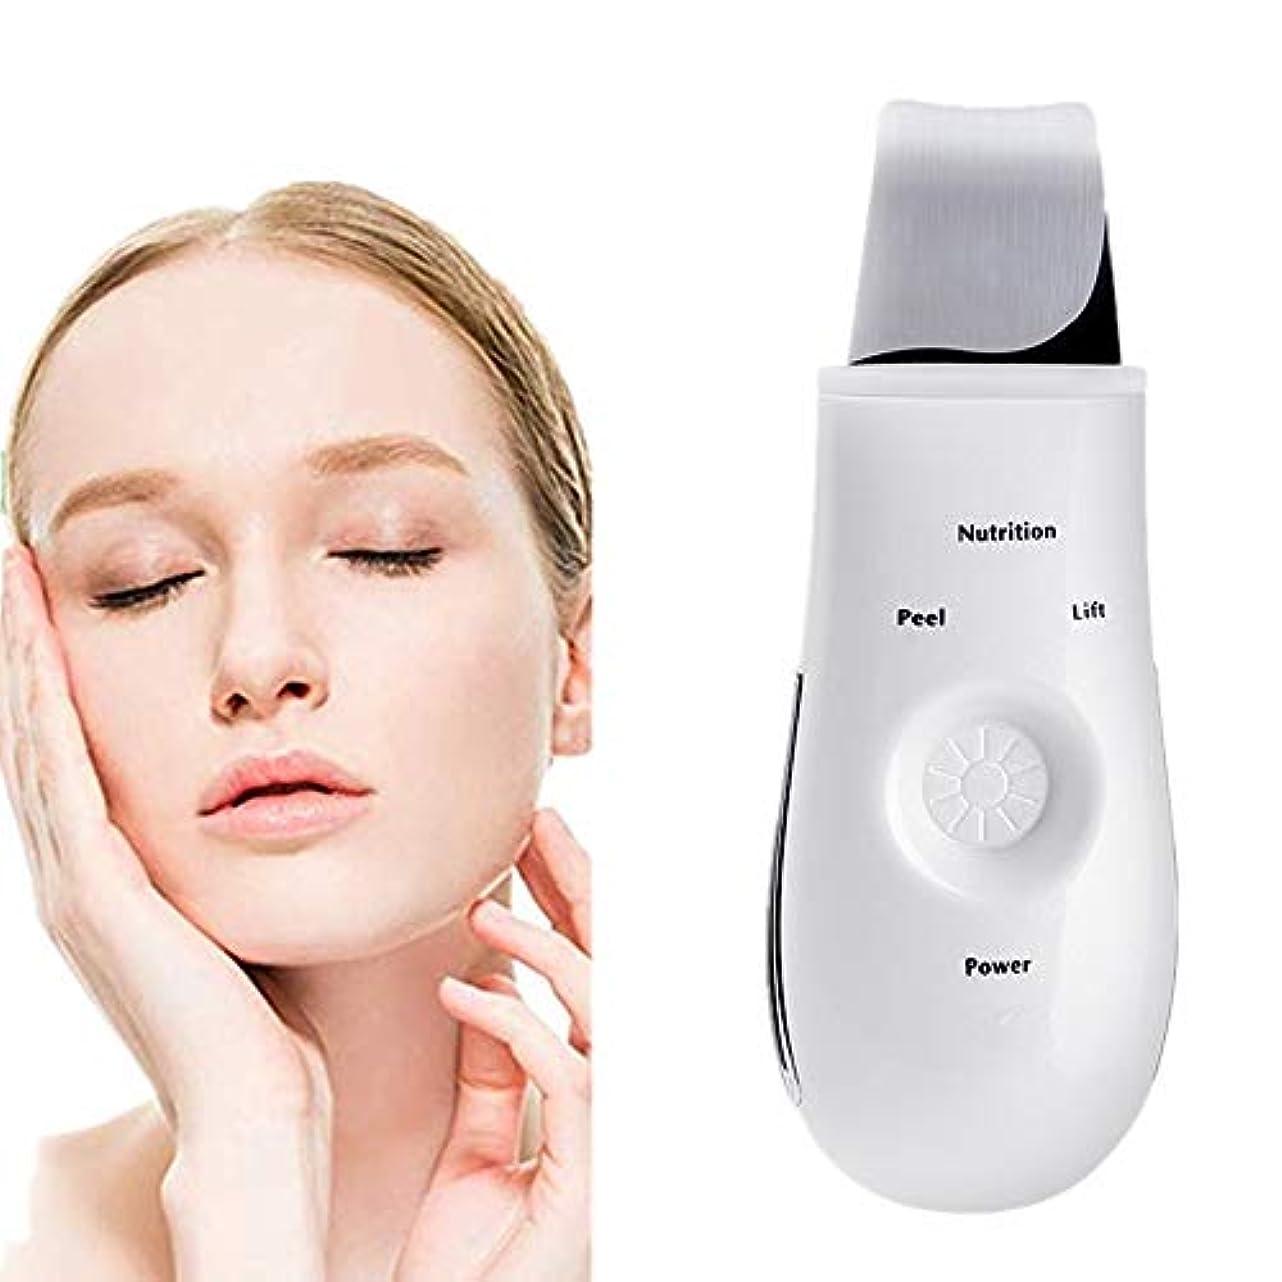 プレゼン知恵消化器除去機のUSBは充電式ホワイトピーリングリフティングEMSクレンジングエクスフォリエイティングスキンケアピーリングと顔の皮膚のスクラバーピール毛穴ツール装置ブラックヘッドリムーバー毛穴の掃除機